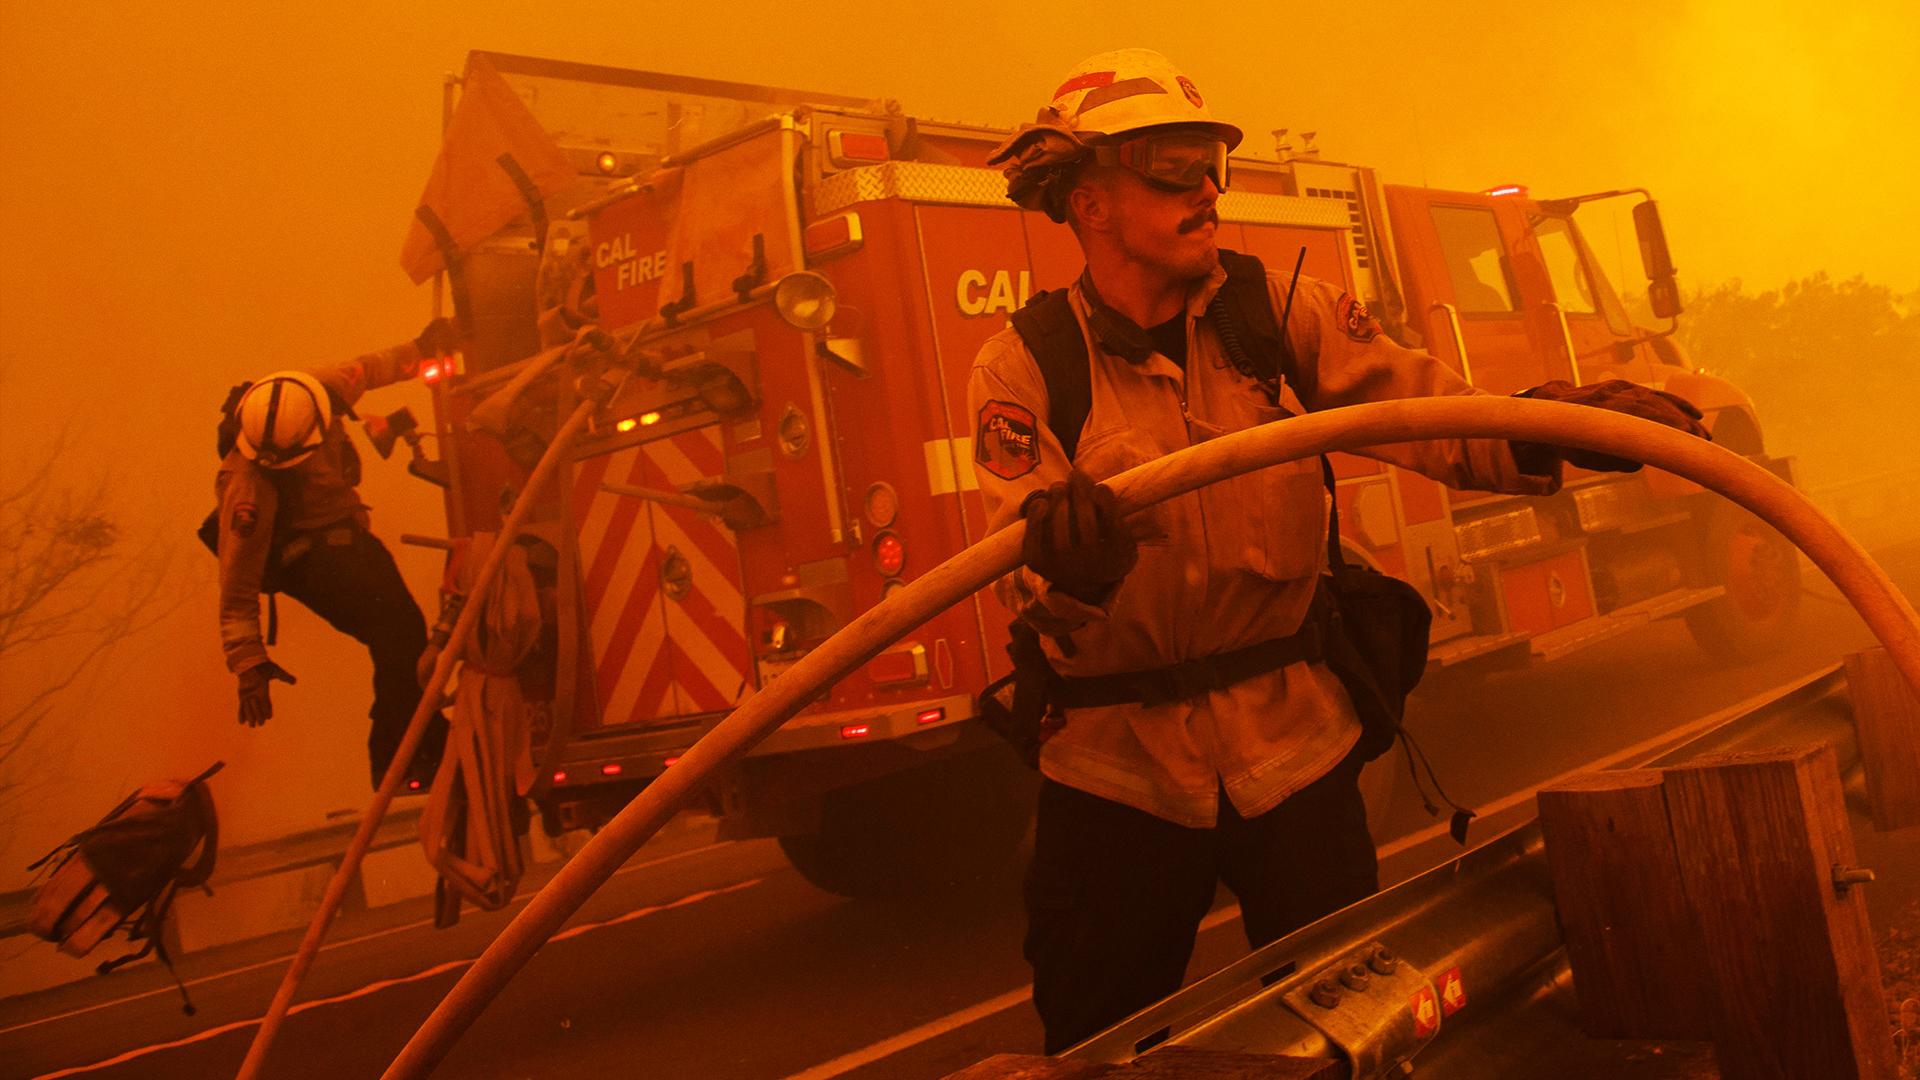 Калифорния в огне: погода пока на стороне людей